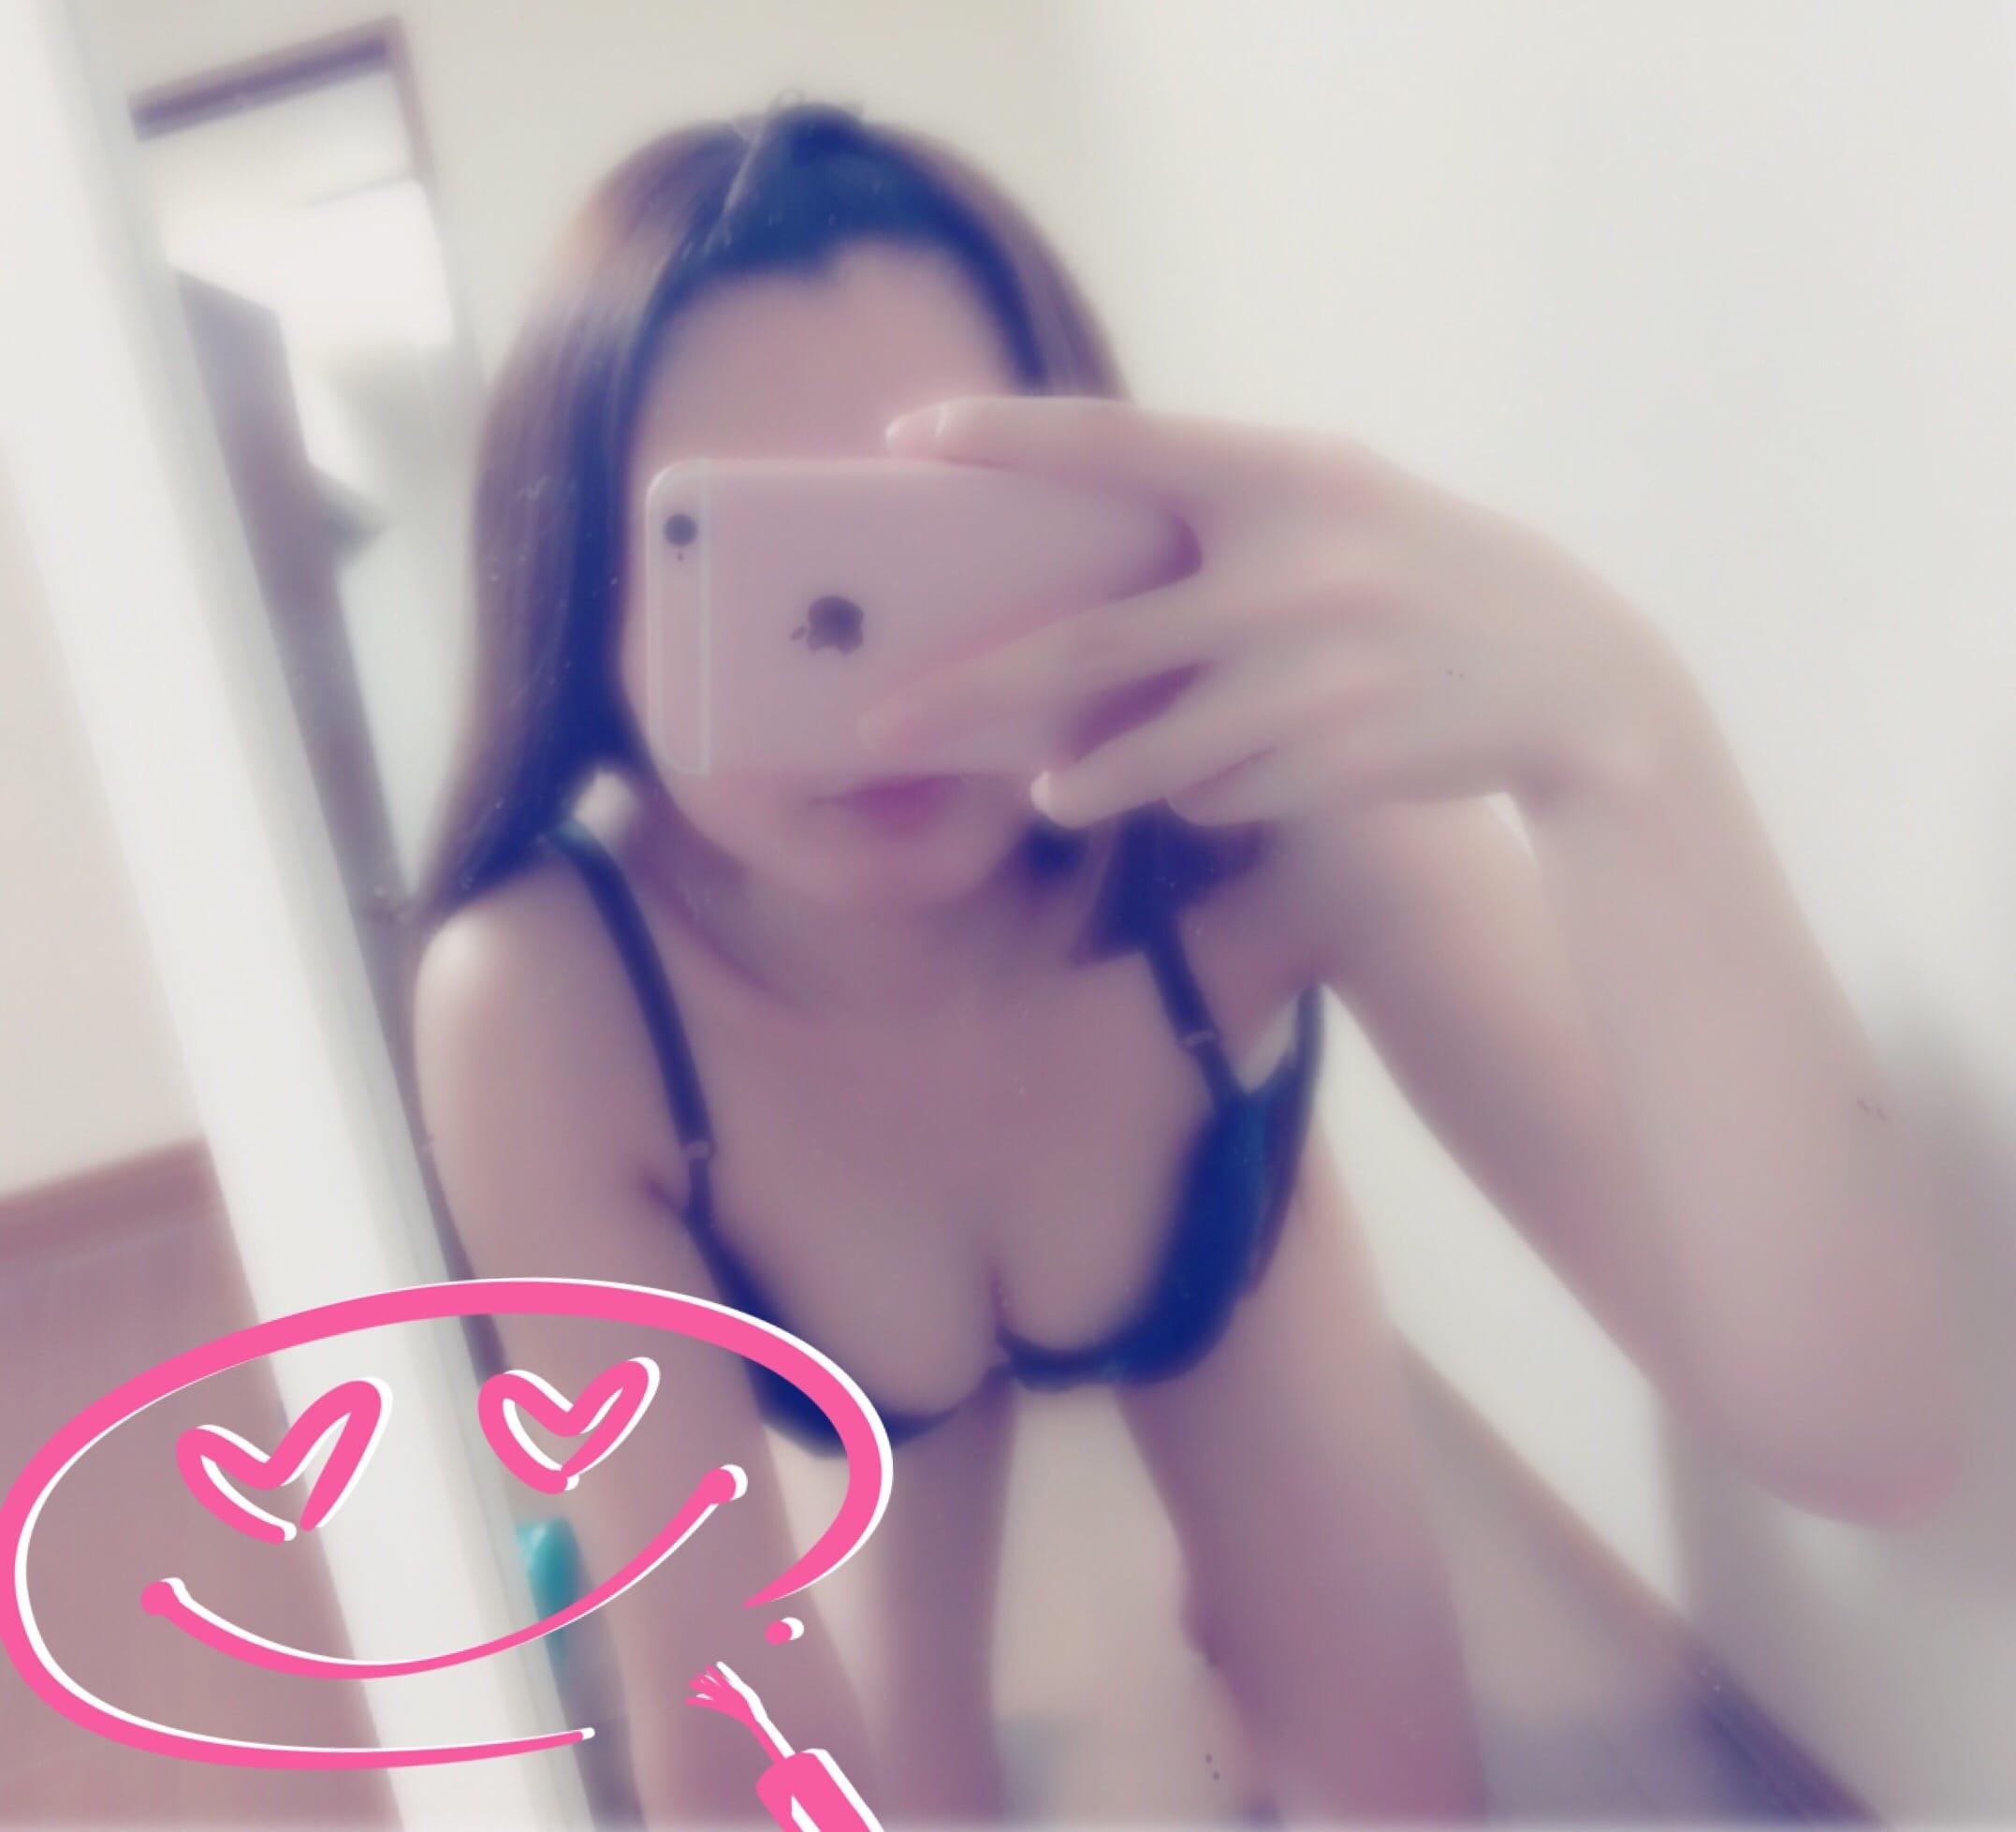 「早速ありがとう」08/18(金) 17:04 | ナナの写メ・風俗動画